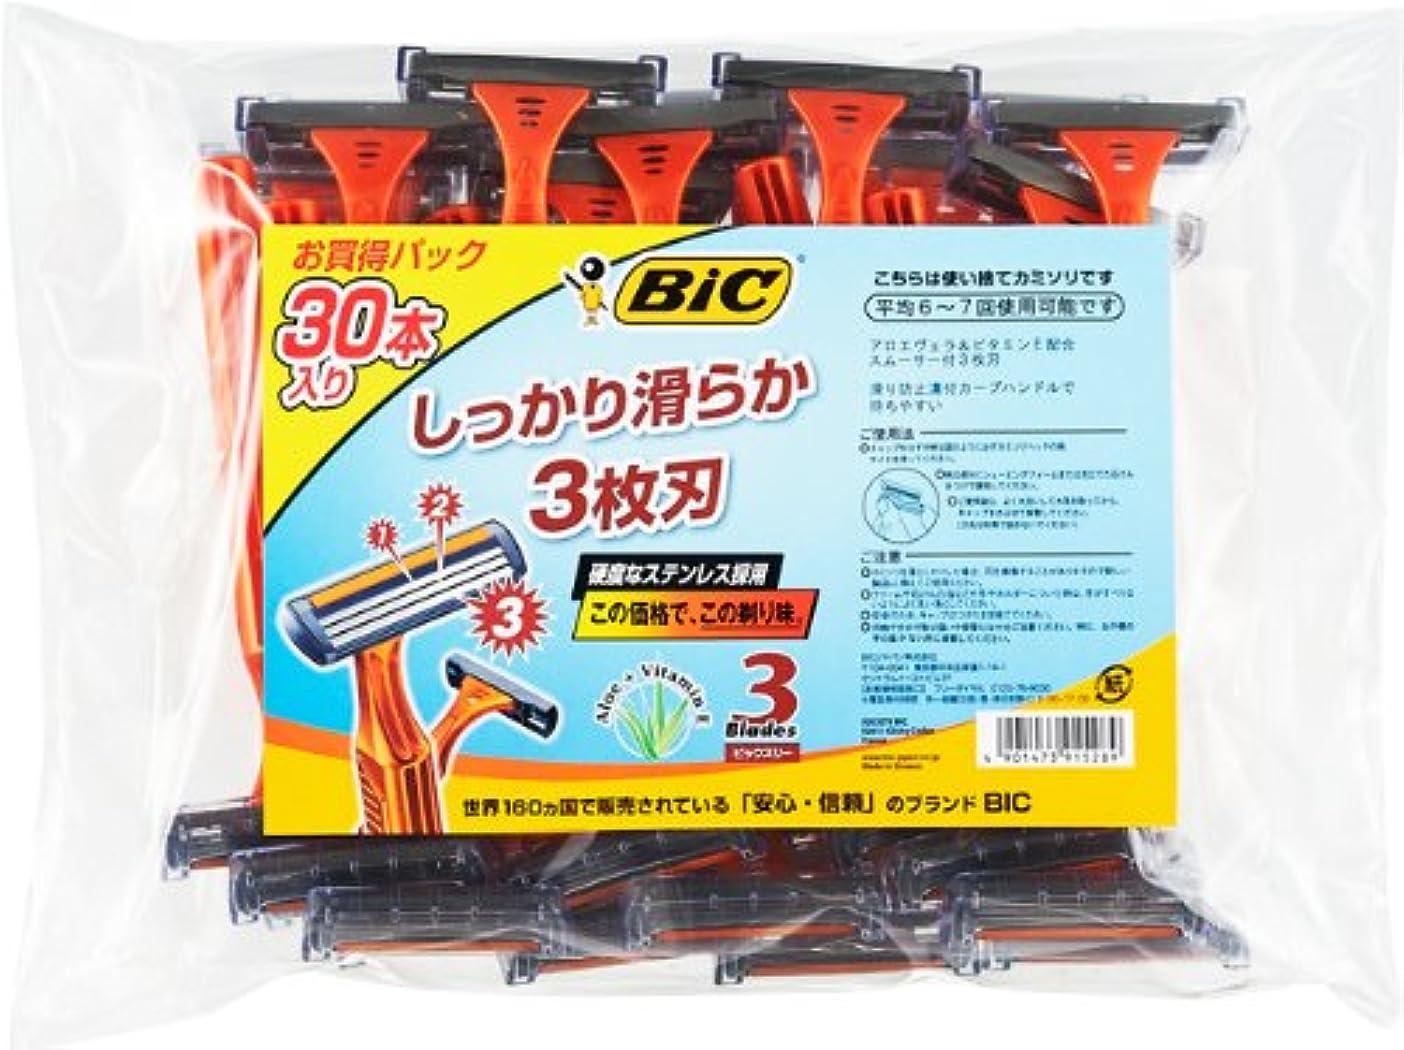 キャリア仕出しますモータービック BIC BIC3 3枚刃 使い捨てカミソリ シェーバー ひげそり ディスポ 30本入